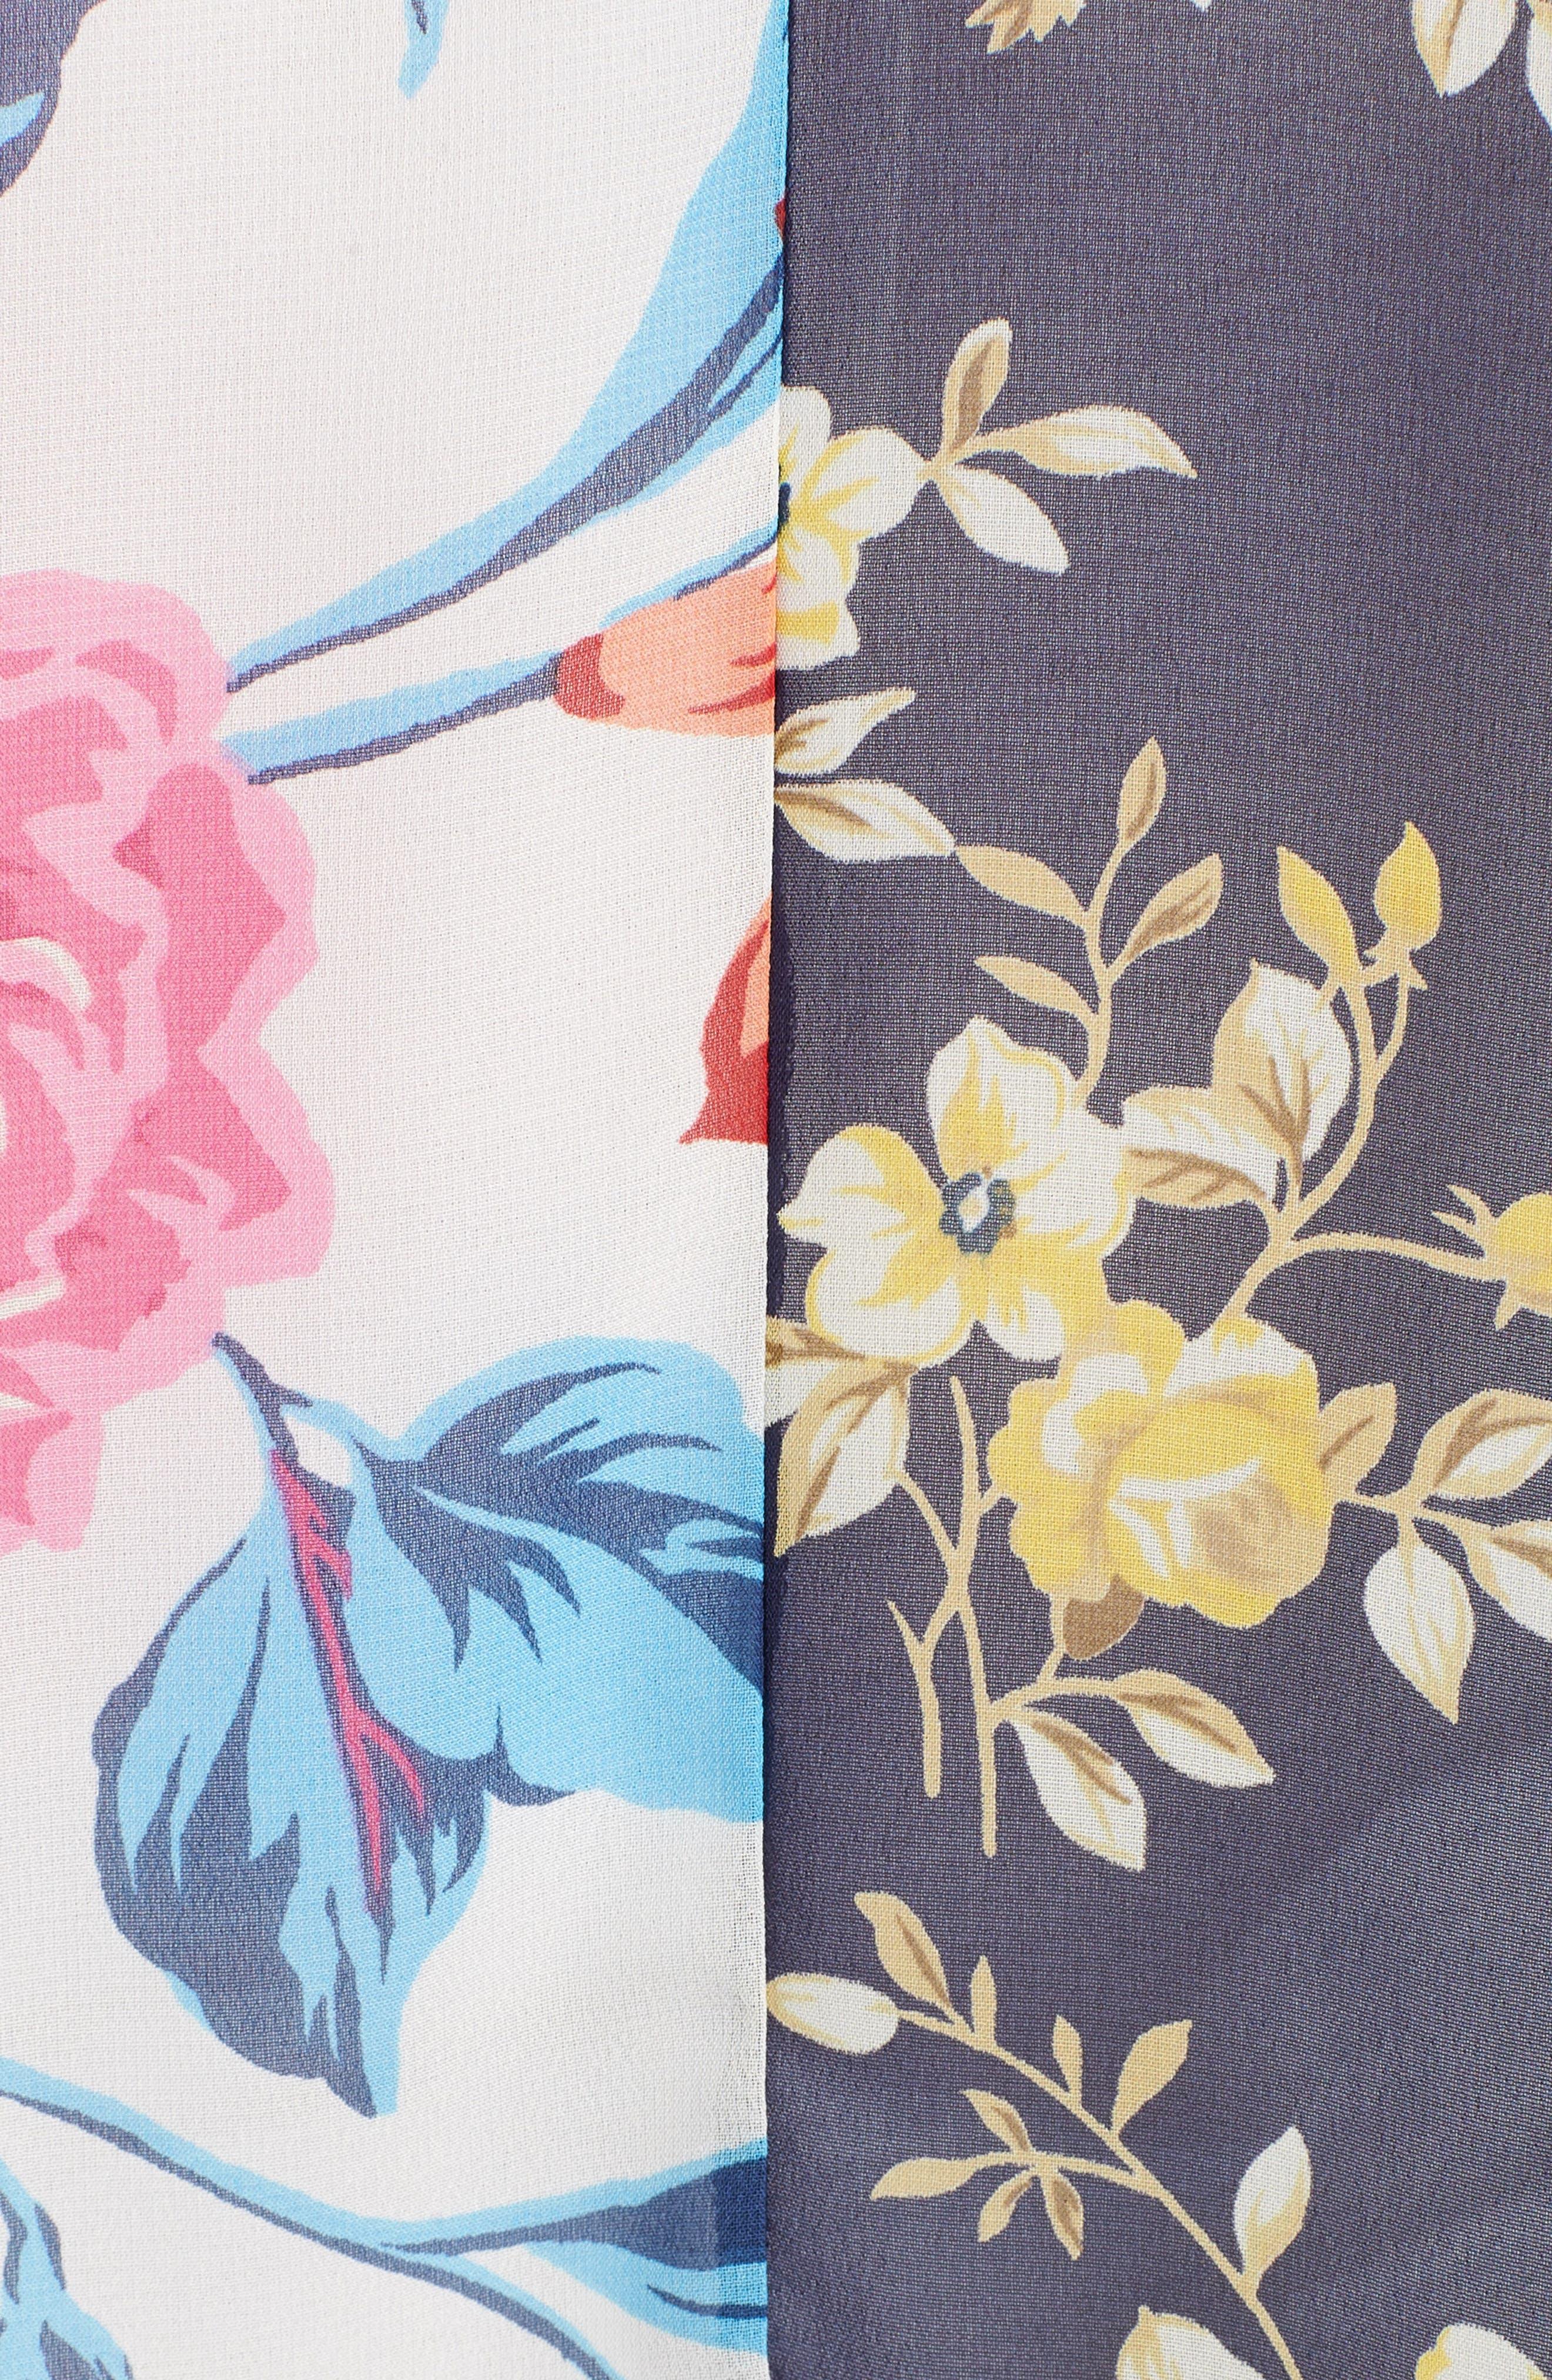 Mix Print Kimono,                             Alternate thumbnail 5, color,                             MULTI COMBO